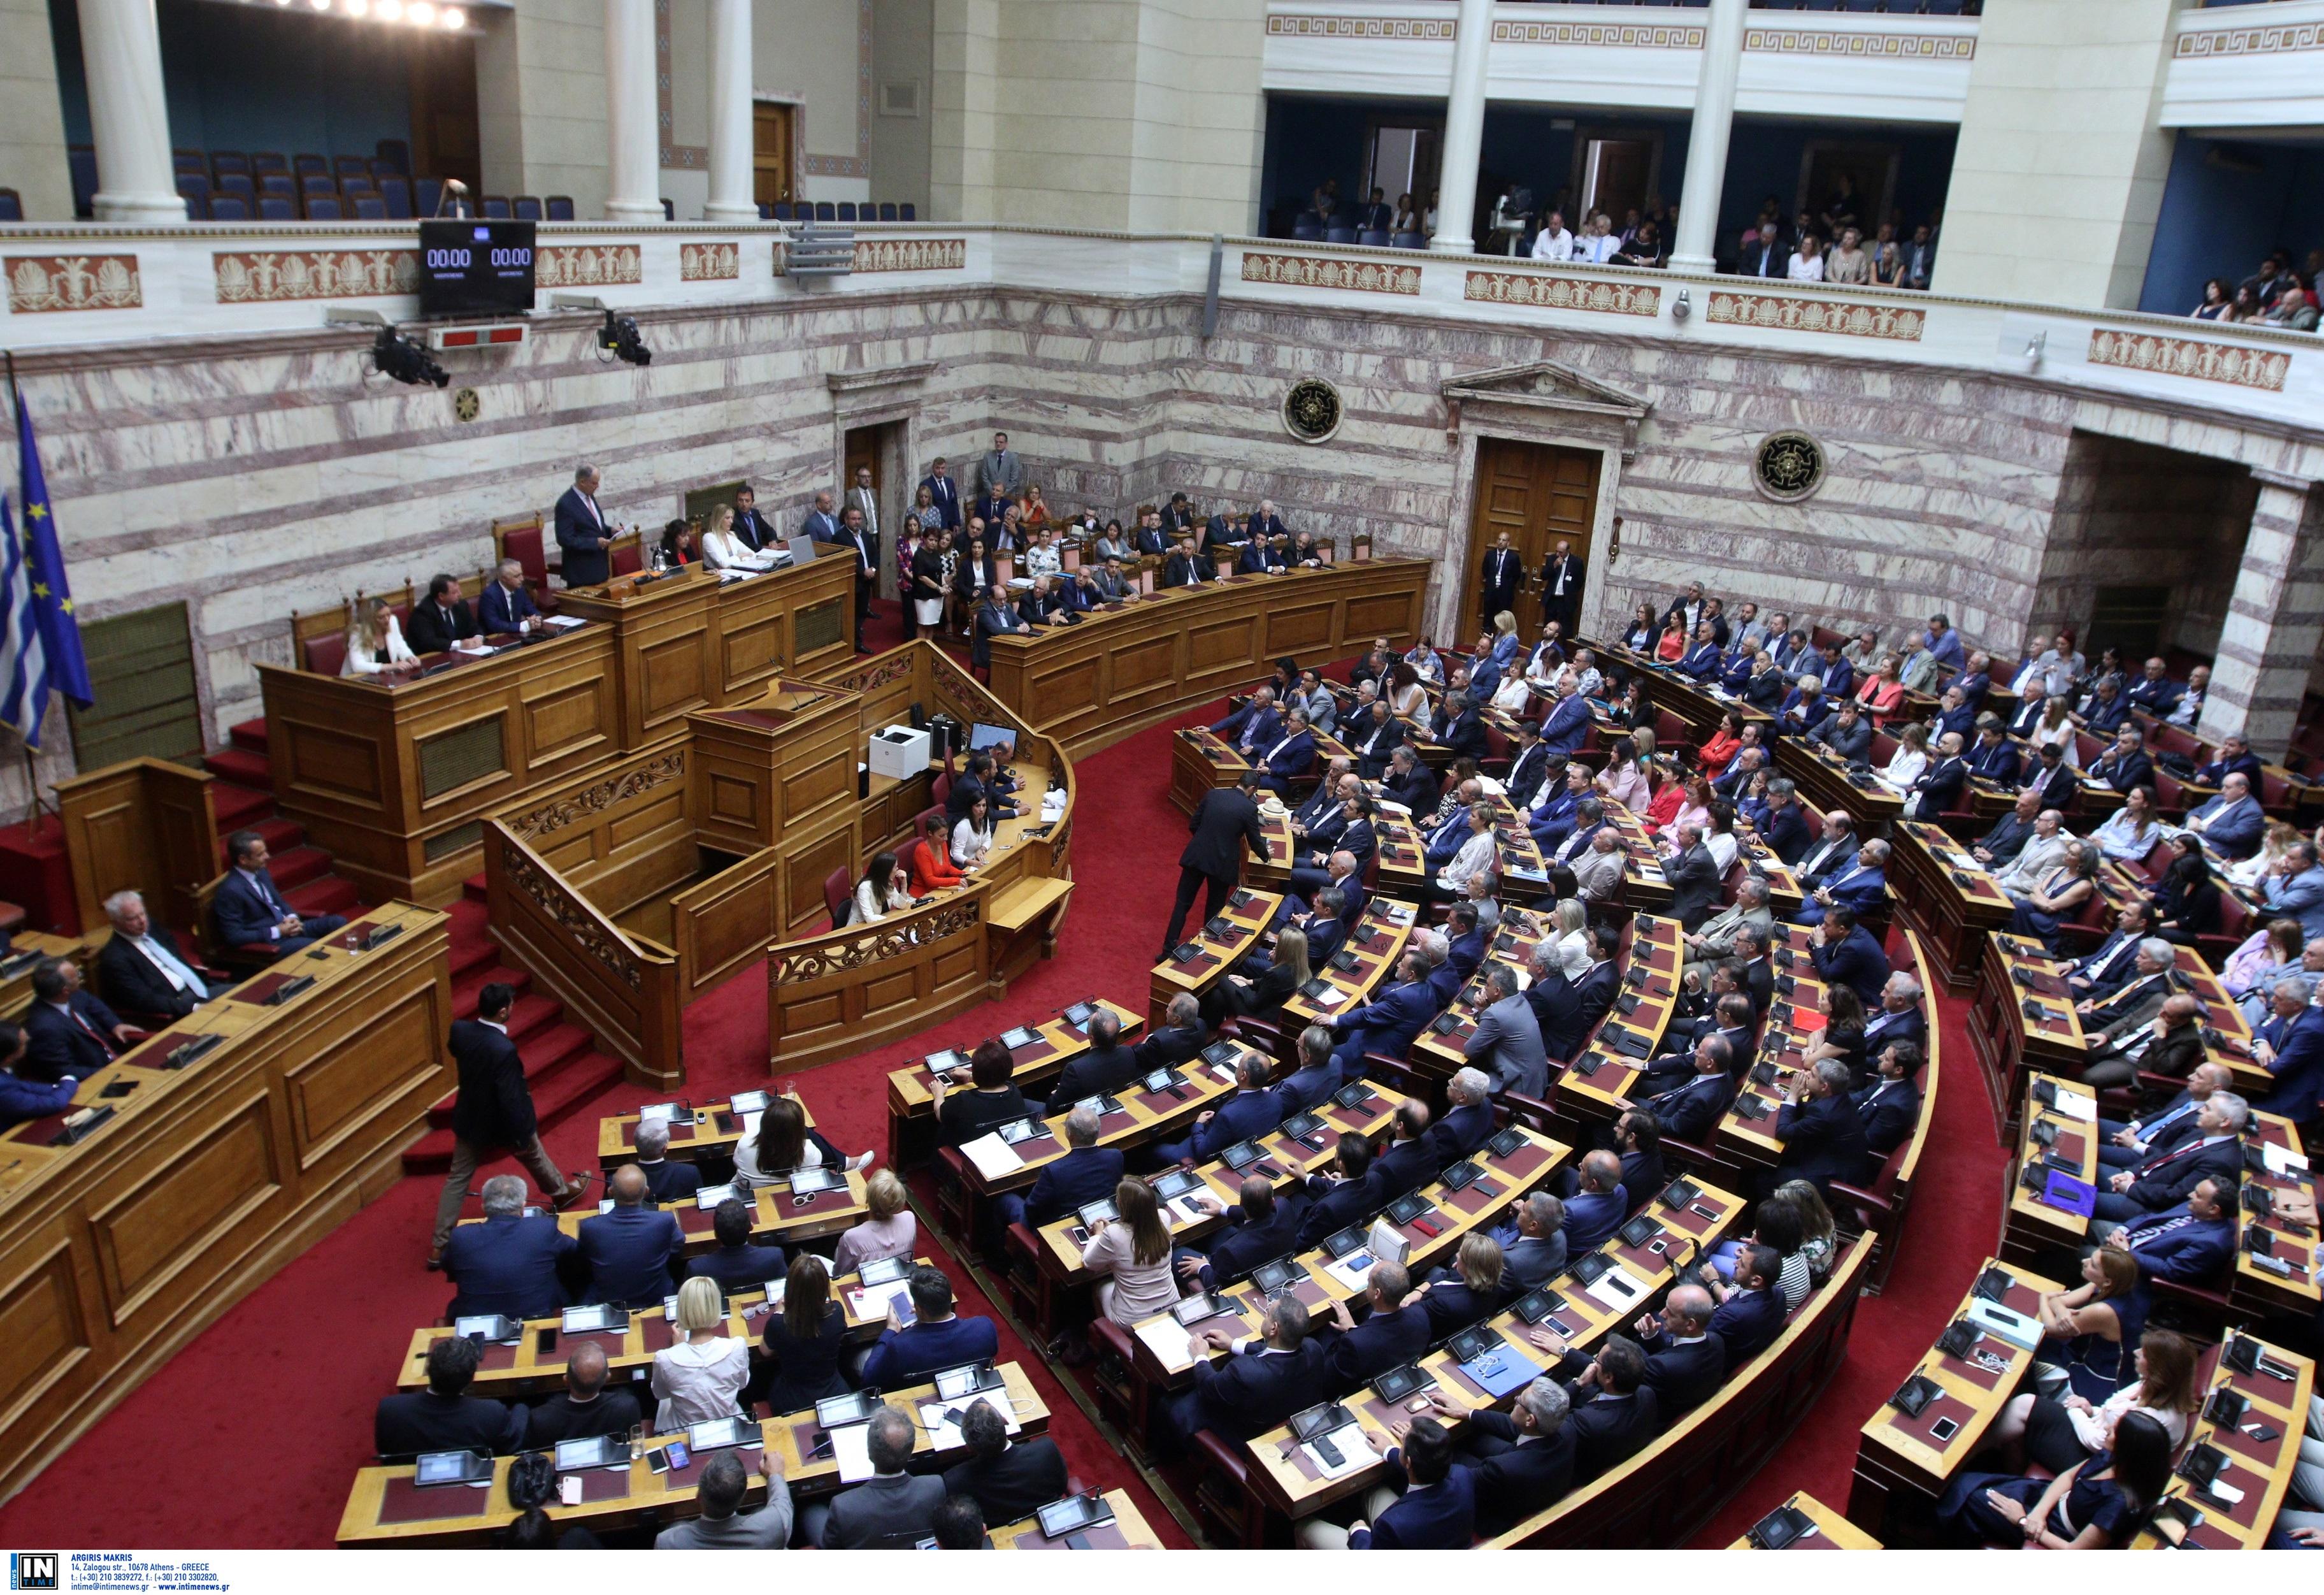 Έπεσε η αυλαία της πενθήμερης συζήτησης για την αναθεώρηση του Συντάγματος - Τη Δευτέρα ψηφίζουν οι 300 βουλευτές